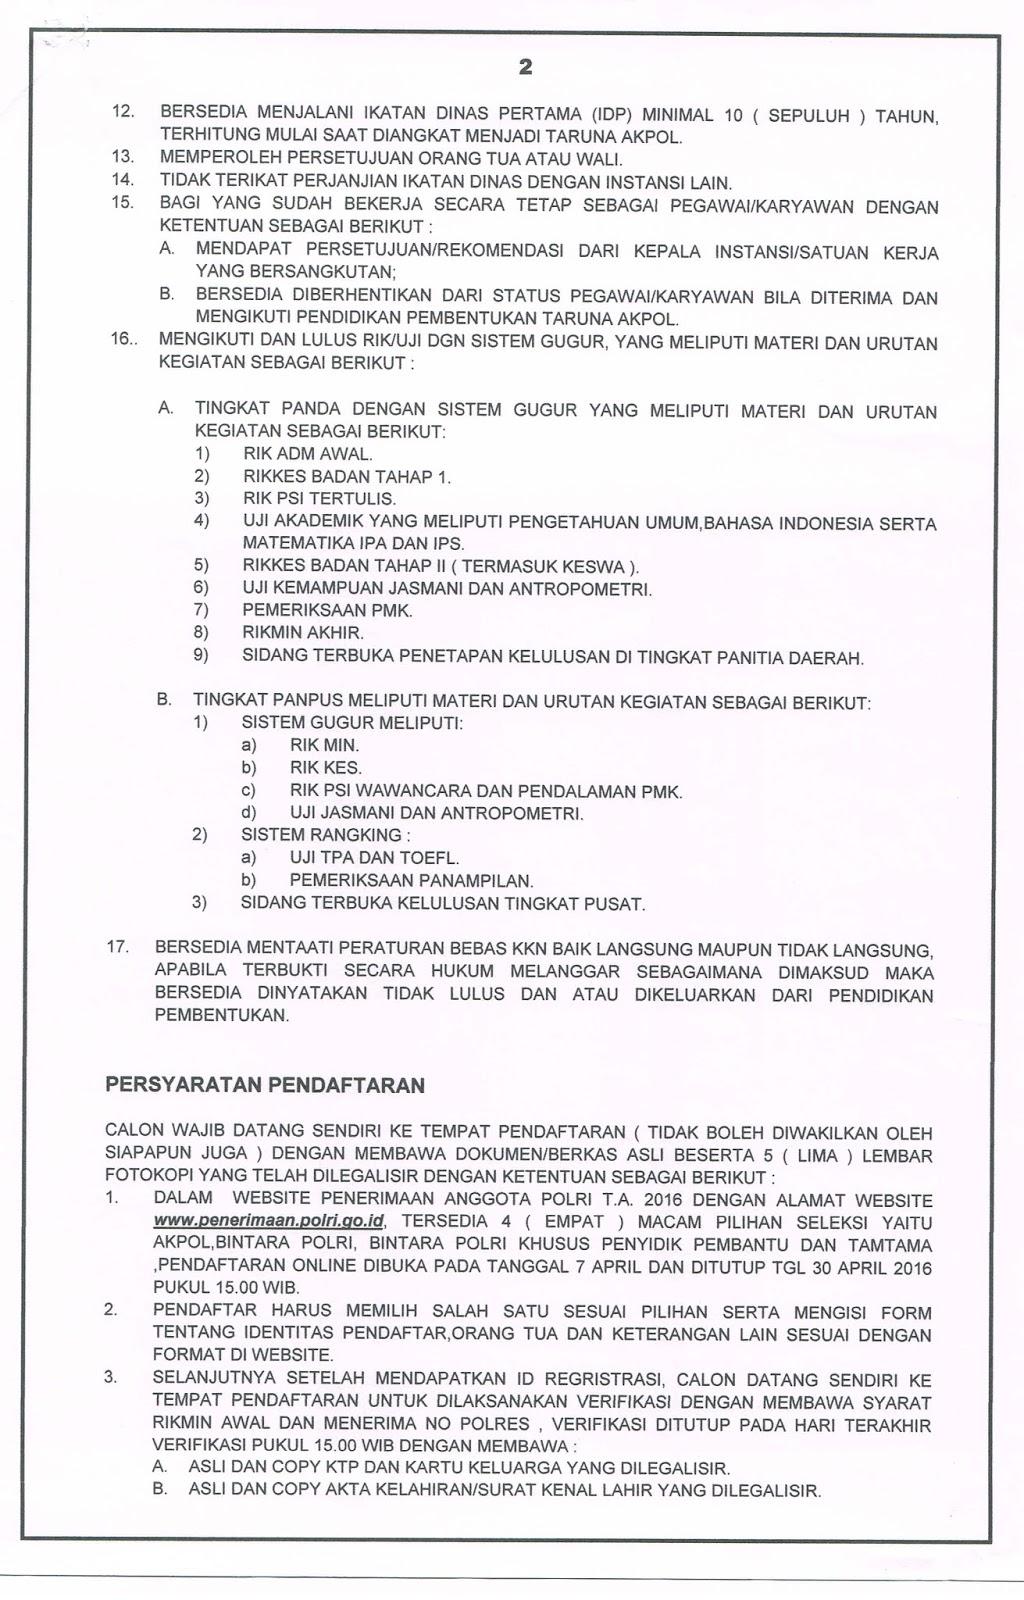 PERSYARATAN PENDAFTARAN TARUNA AKPOL T.A.2016 ~ BAG SUMDA